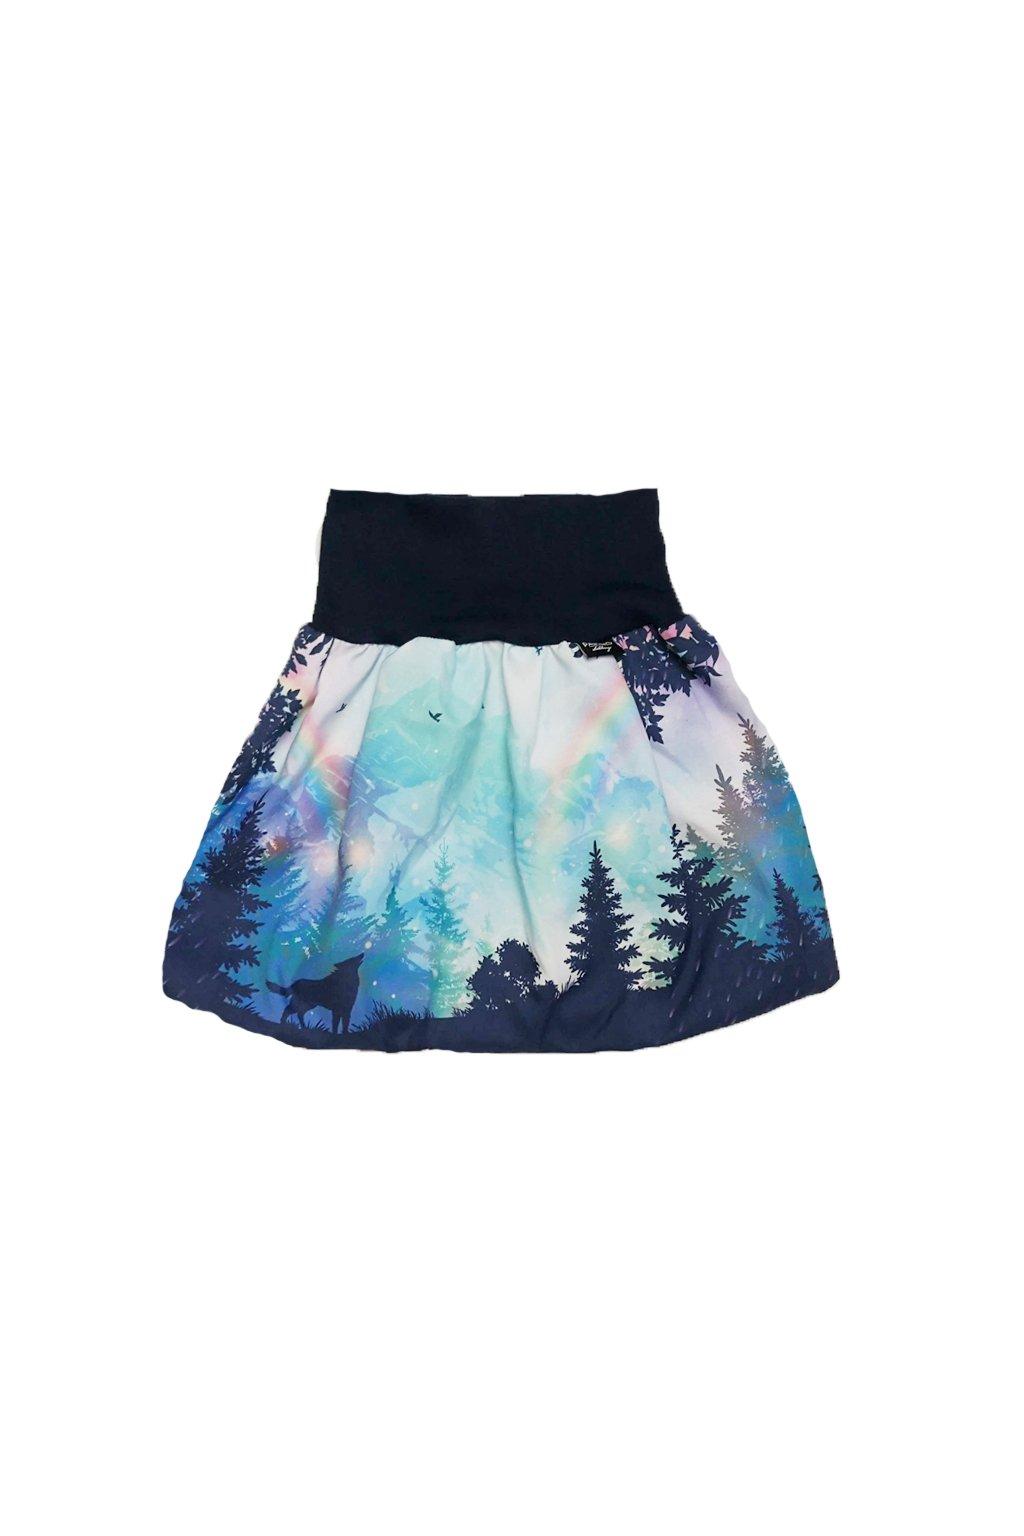 divci balonova sukne duhove hory modre papilio clothing.cz